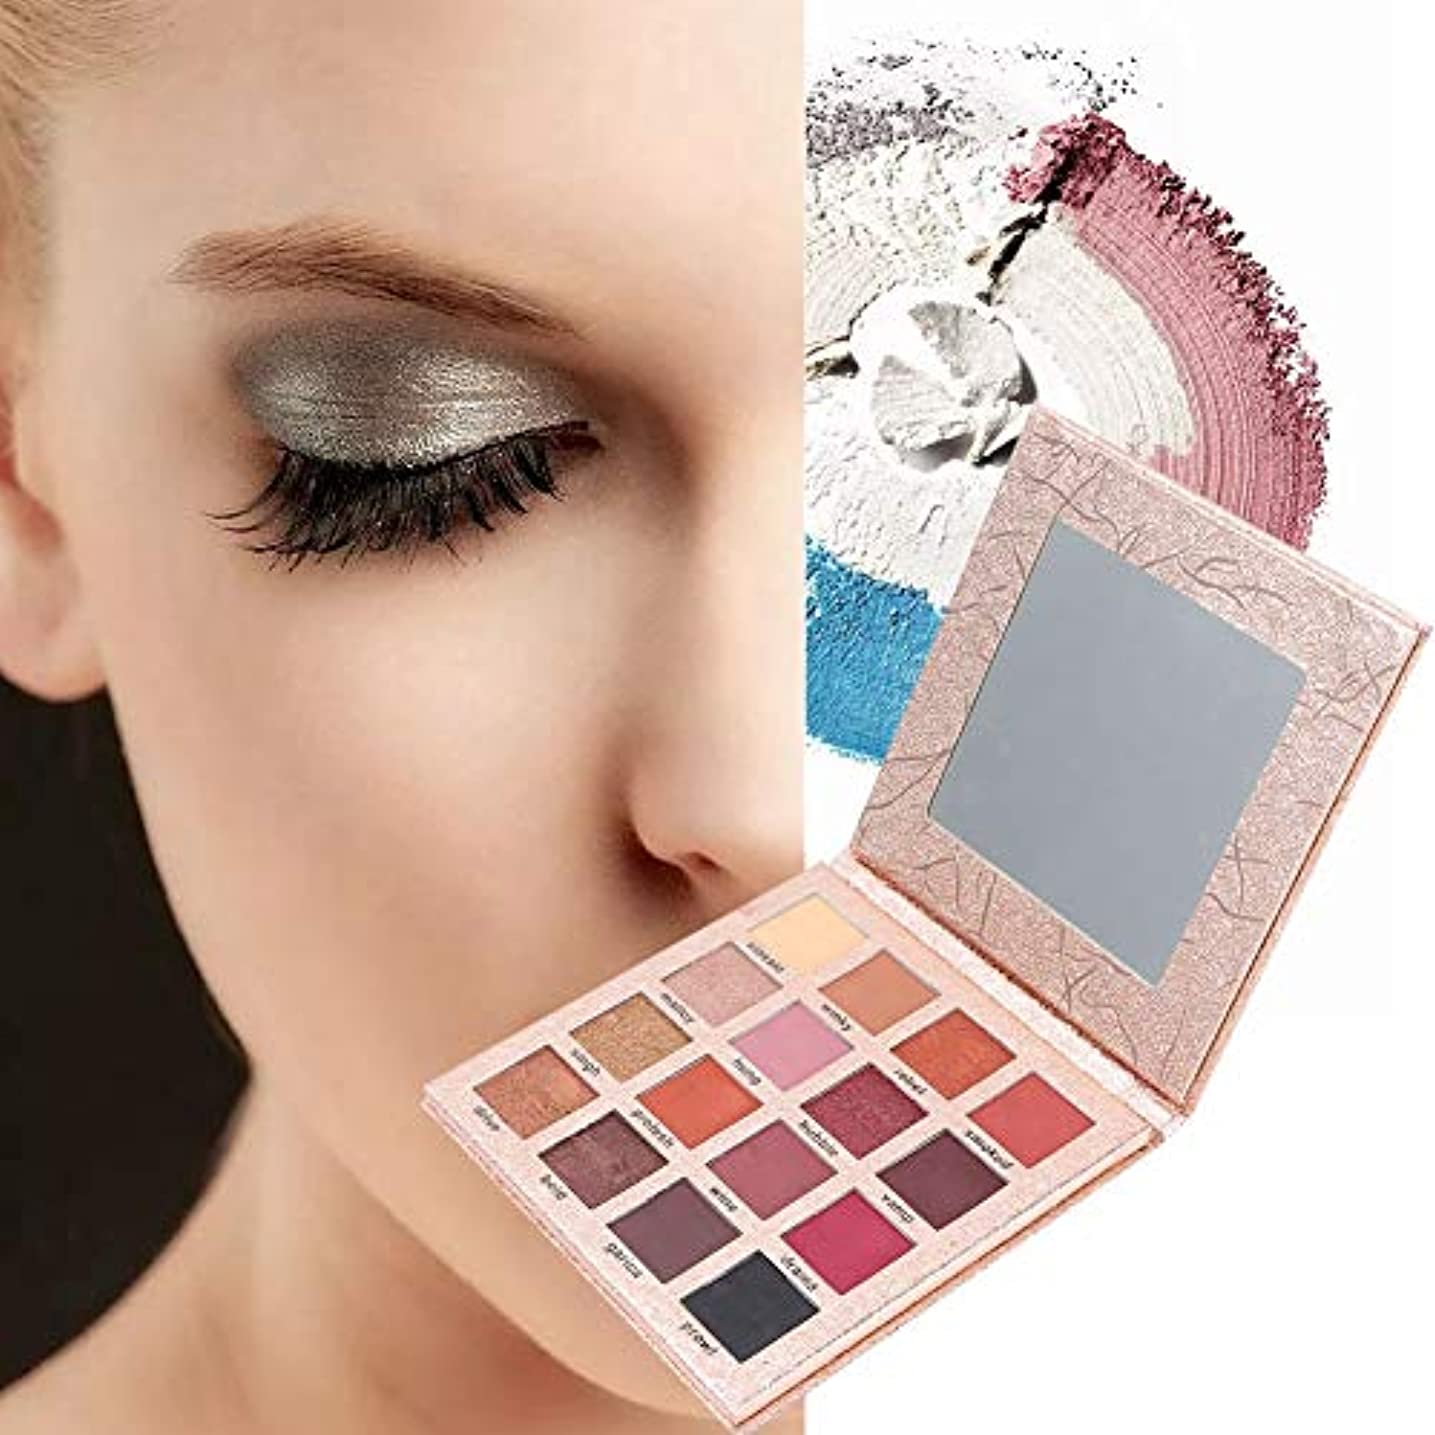 スリット摂氏多様なアイシャドウパレット 16色 アイシャドウパレット 化粧マット グロス アイシャドウパウダー 化粧品ツール